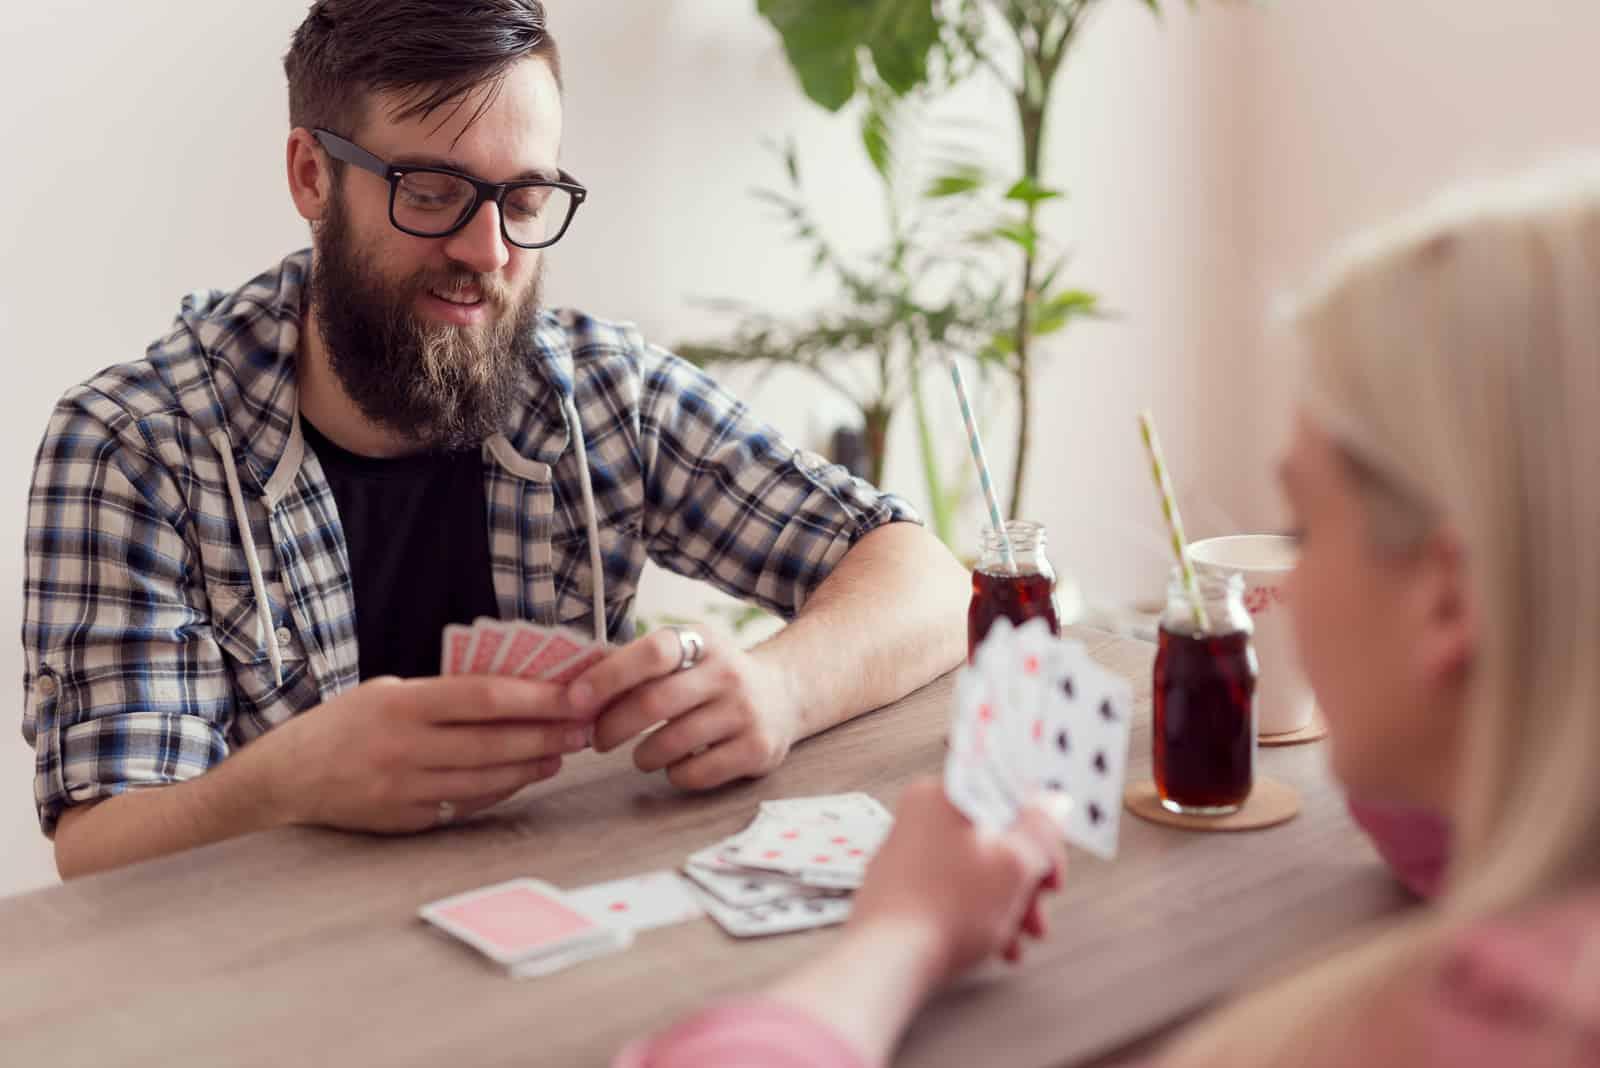 un homme et une femme sont assis à une table face à face et jouent aux cartes